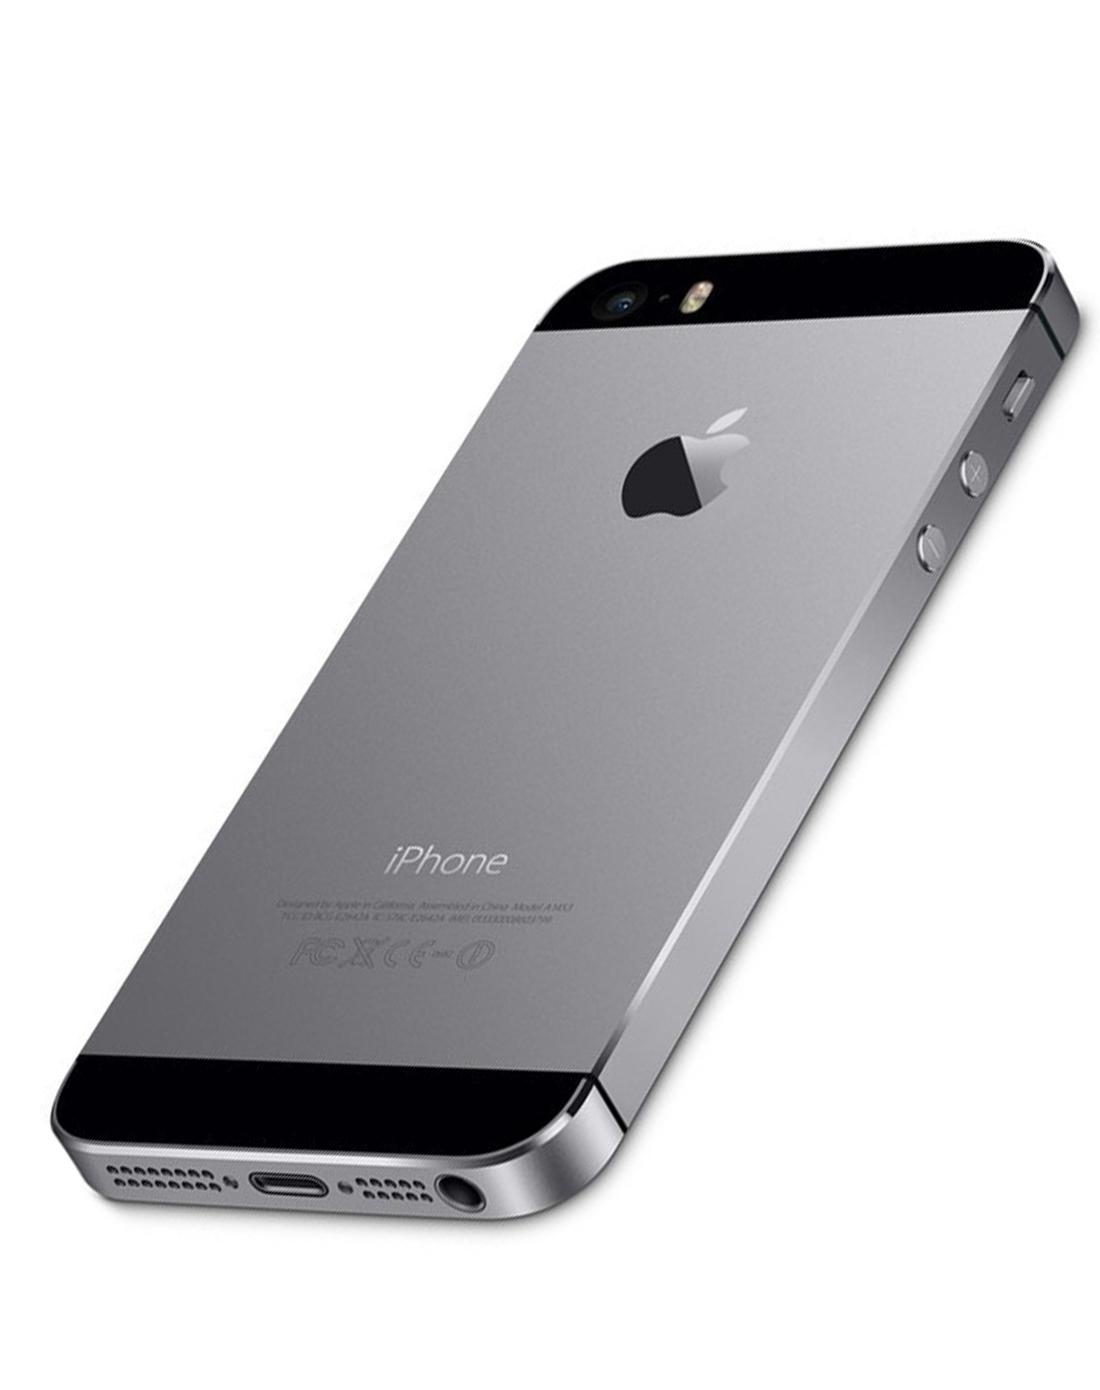 苹果iphone5s 深灰色手机16g 0元购机 新ios7.